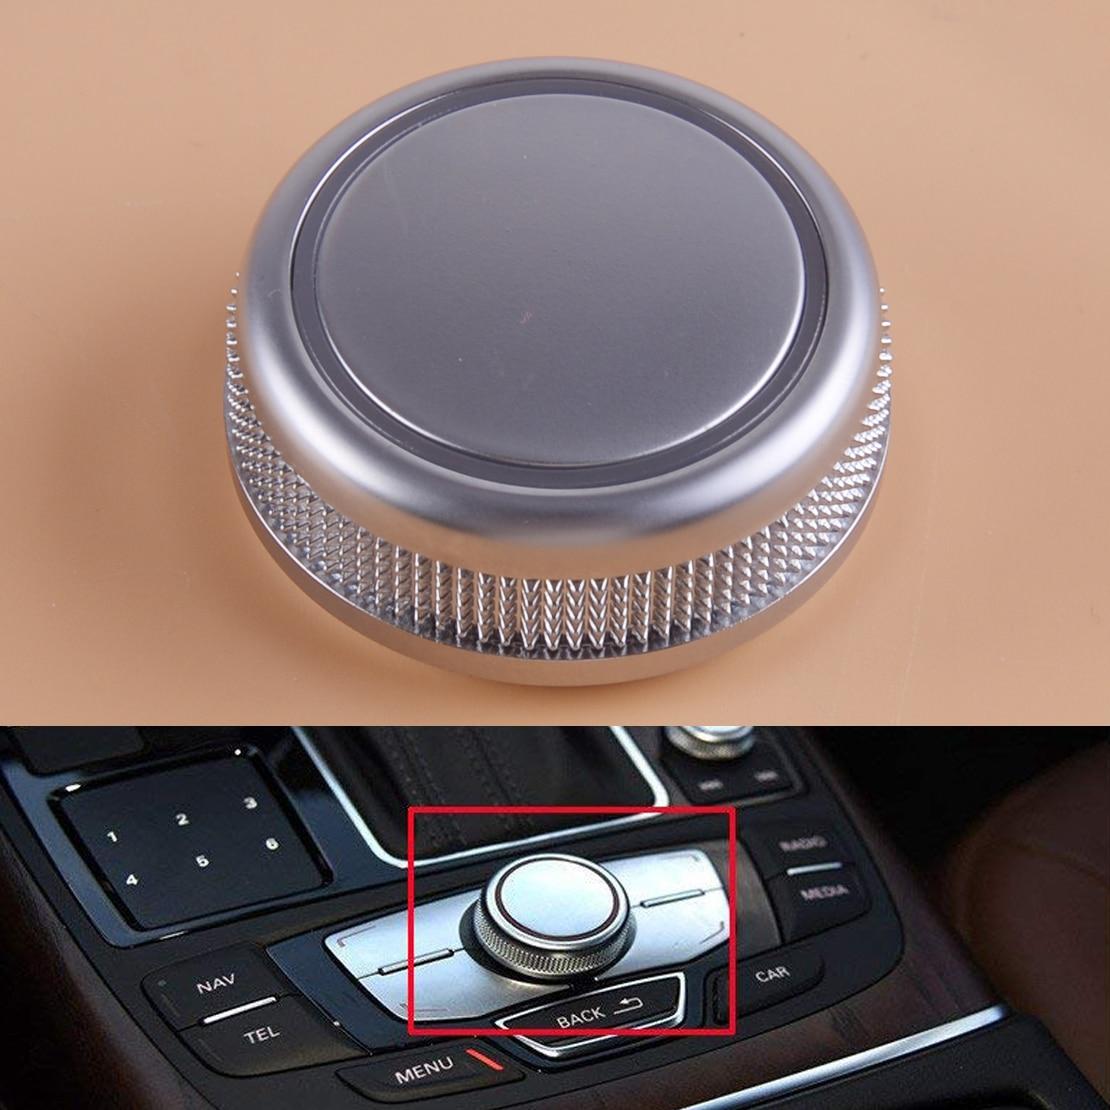 Beler chrome mmi botão de controle do carro rotativo menu navegação capa apto para audi a6 s6 c7 a7 rs6 rs7 4g0919069 2014 2015 2016 2017